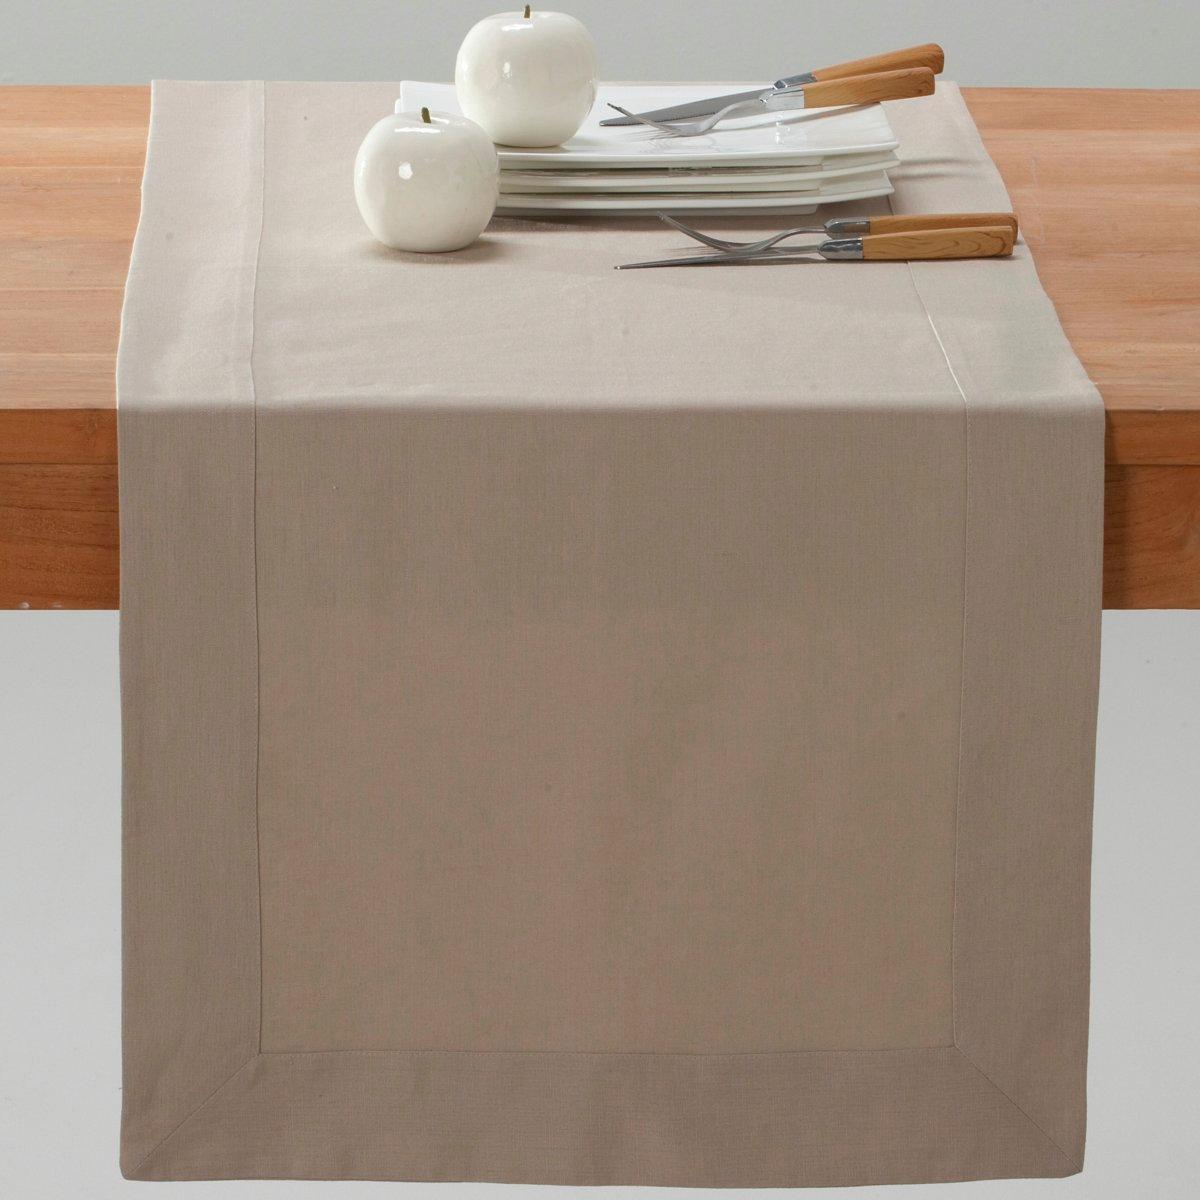 Дорожка La Redoute Столовая из смесовой ткани из льна и хлопка BORDER 50 x 150 см бежевый наволочка la redoute flooch 50 x 30 см бежевый